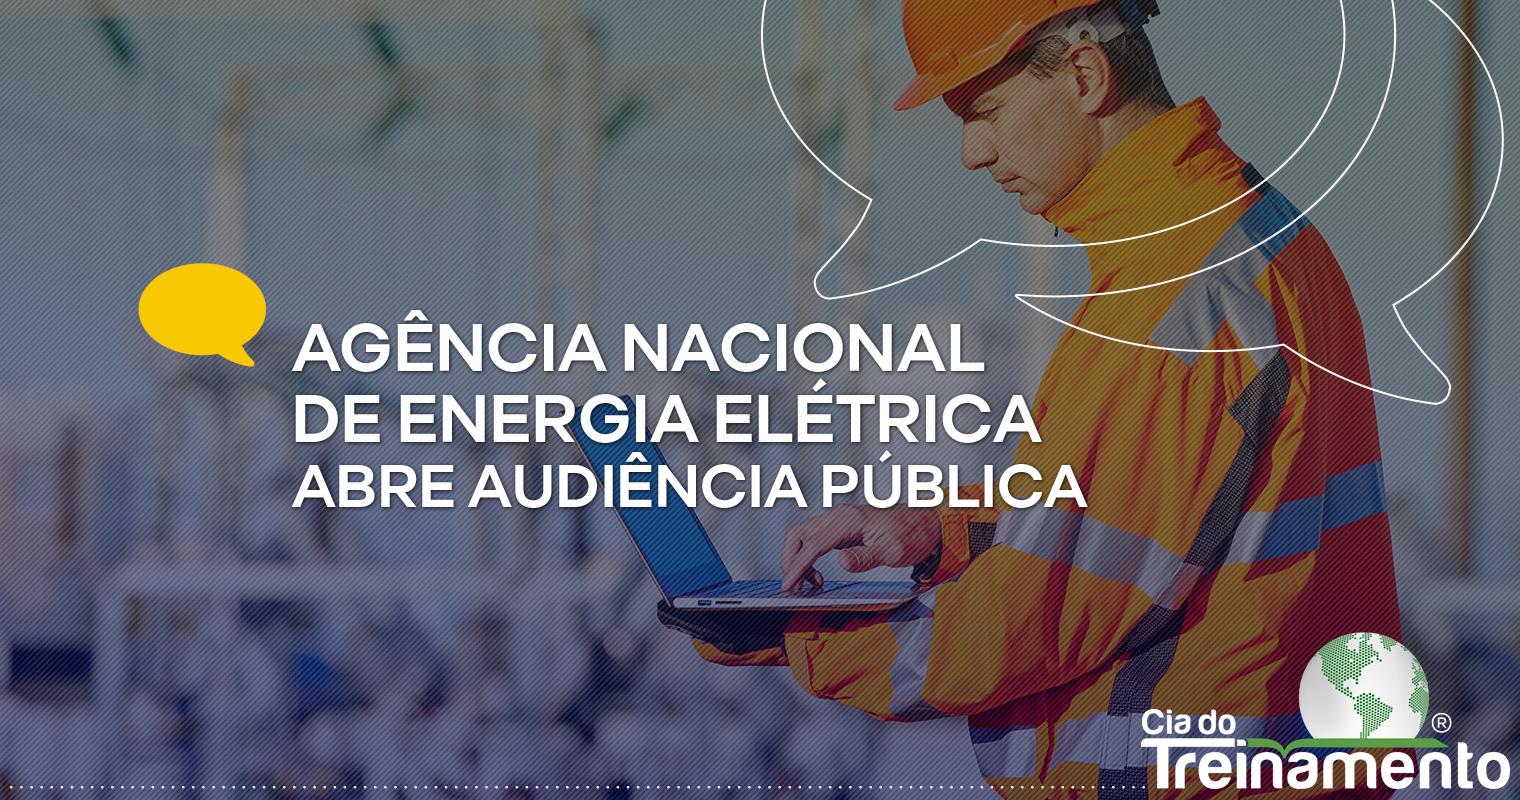 Agência Nacional de Energia Elétrica abre audiência pública